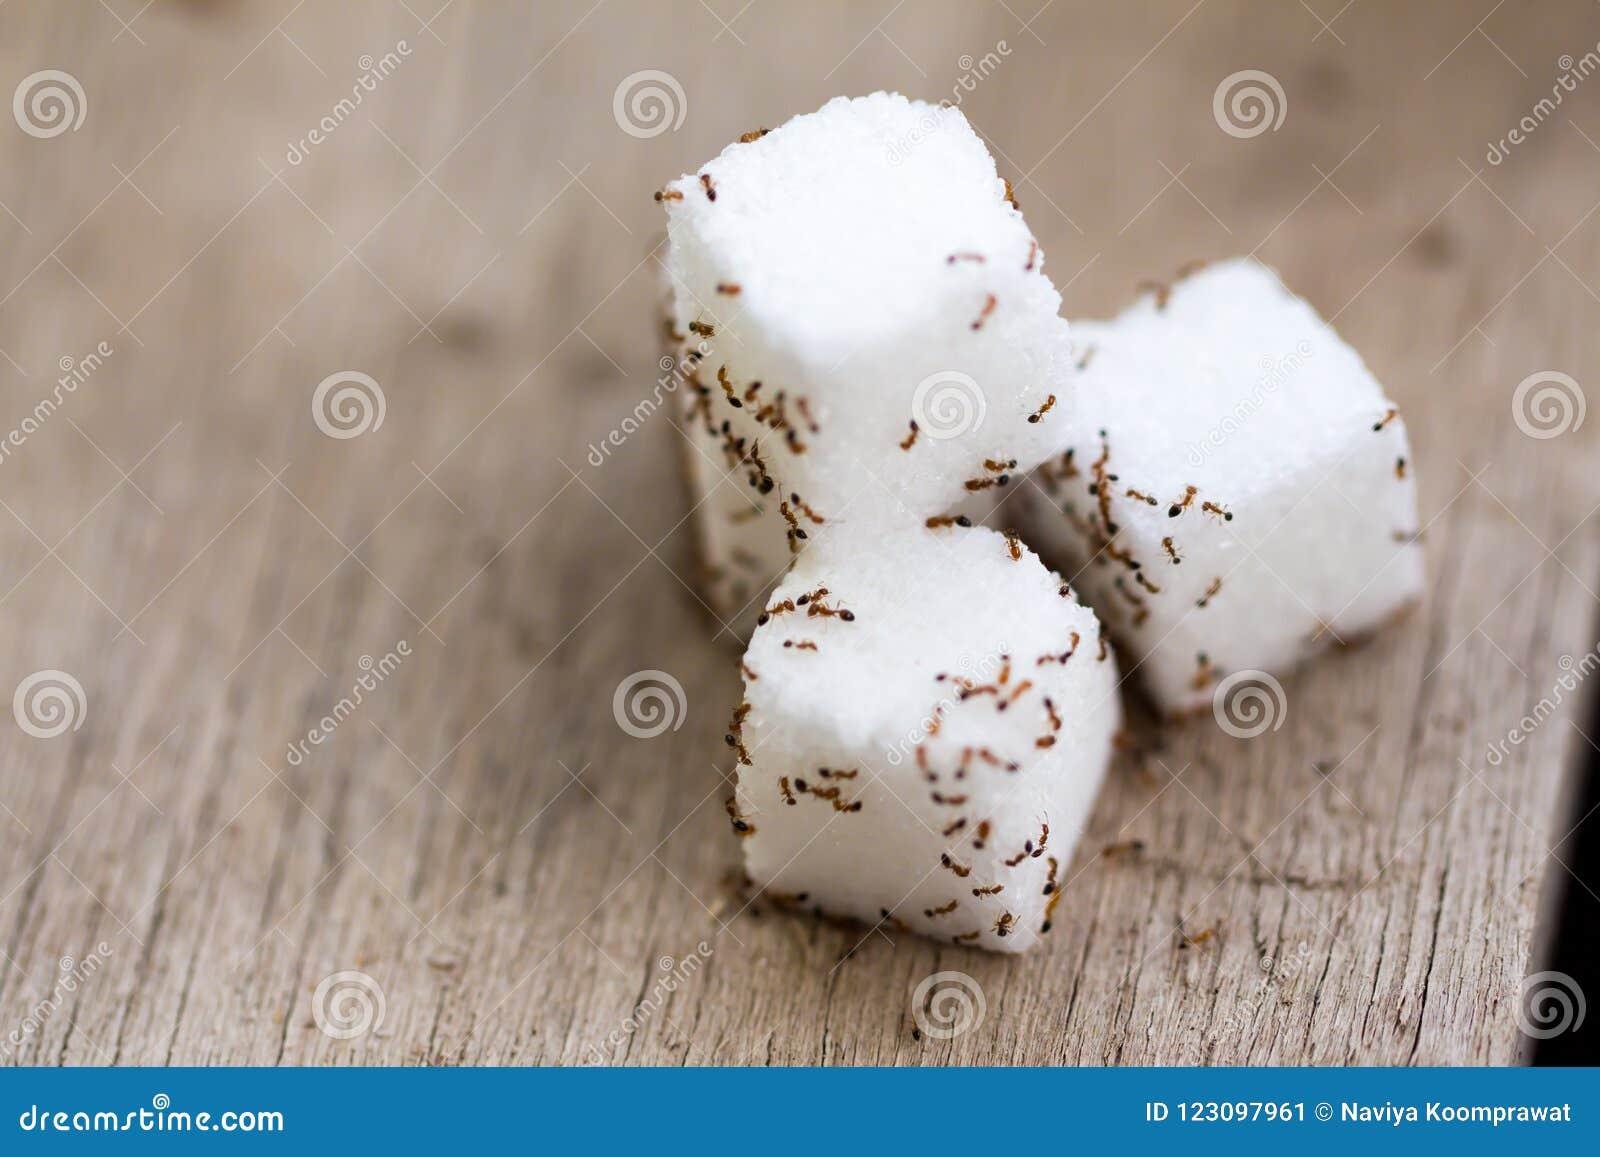 Wiele małe mrówki na sześcianu cukierze